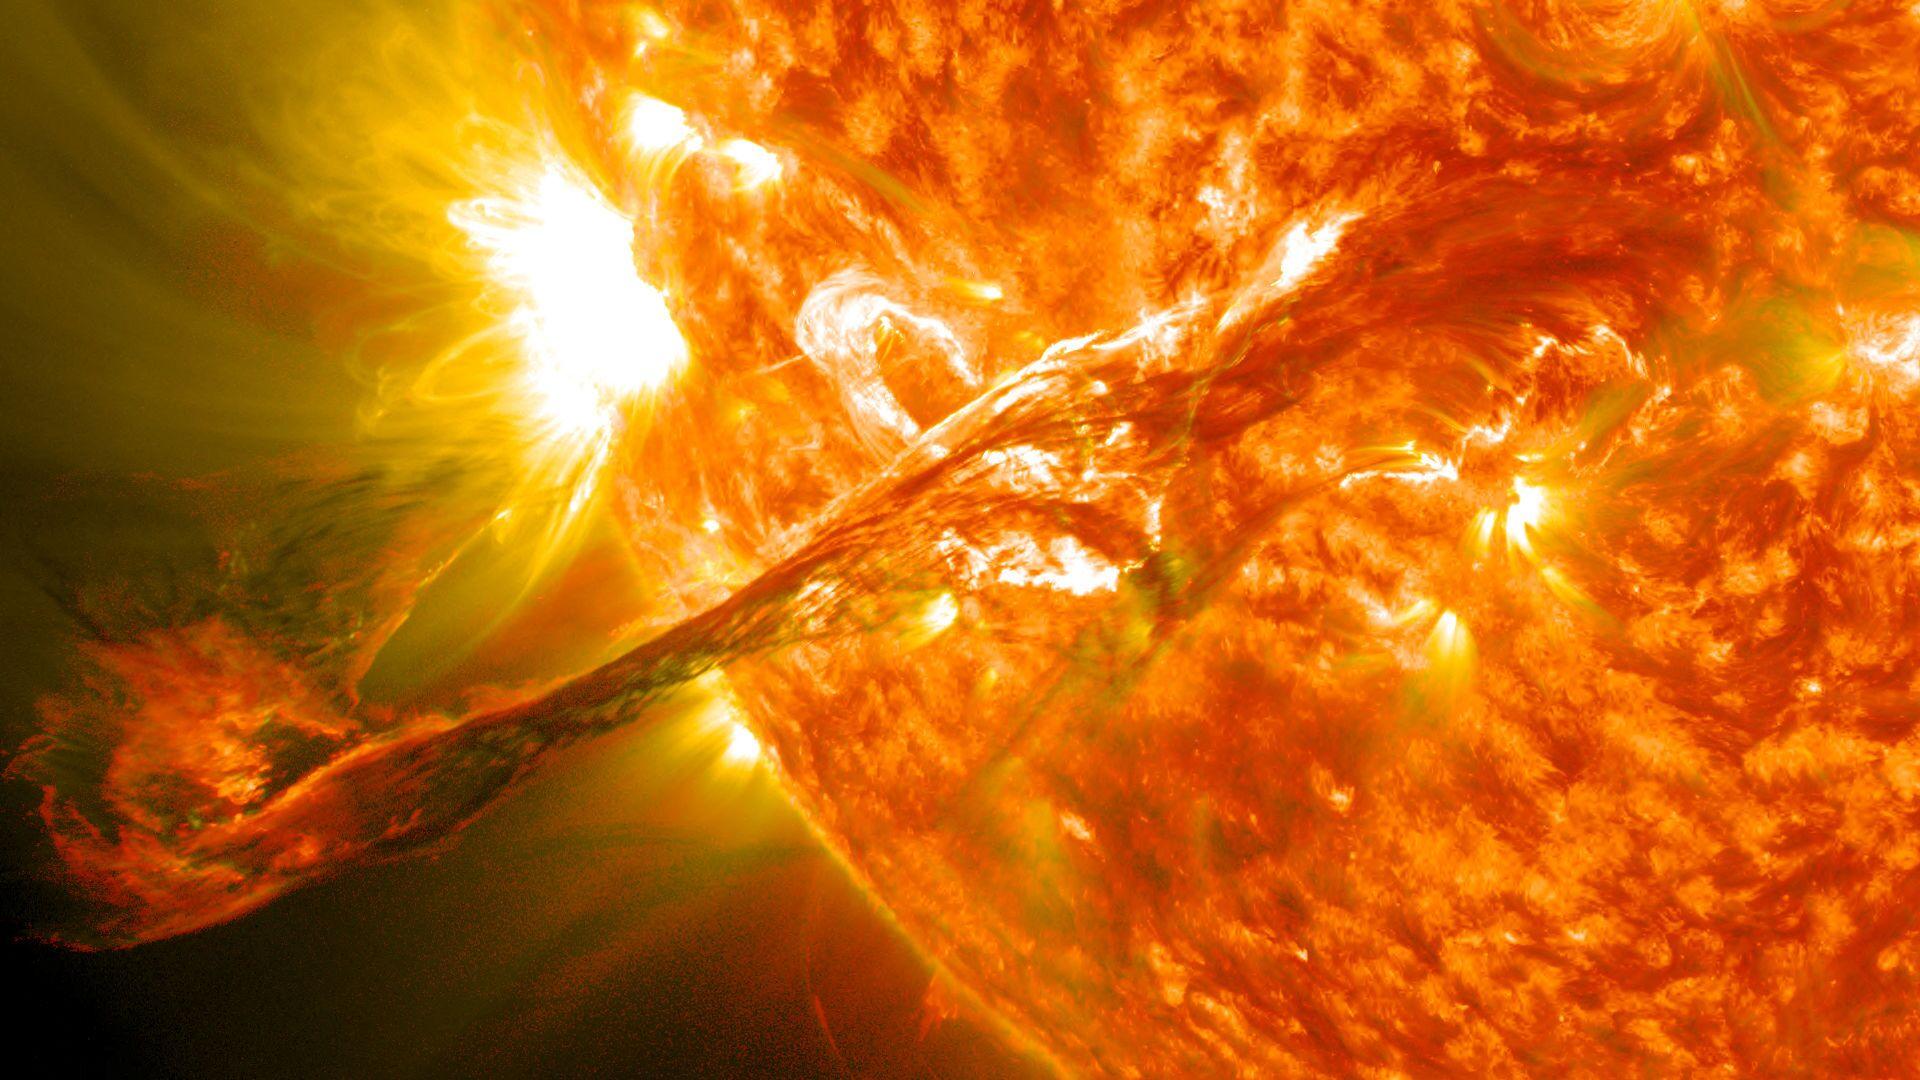 Eyección de masa coronal en el Sol (imagen referencial) - Sputnik Mundo, 1920, 14.05.2021